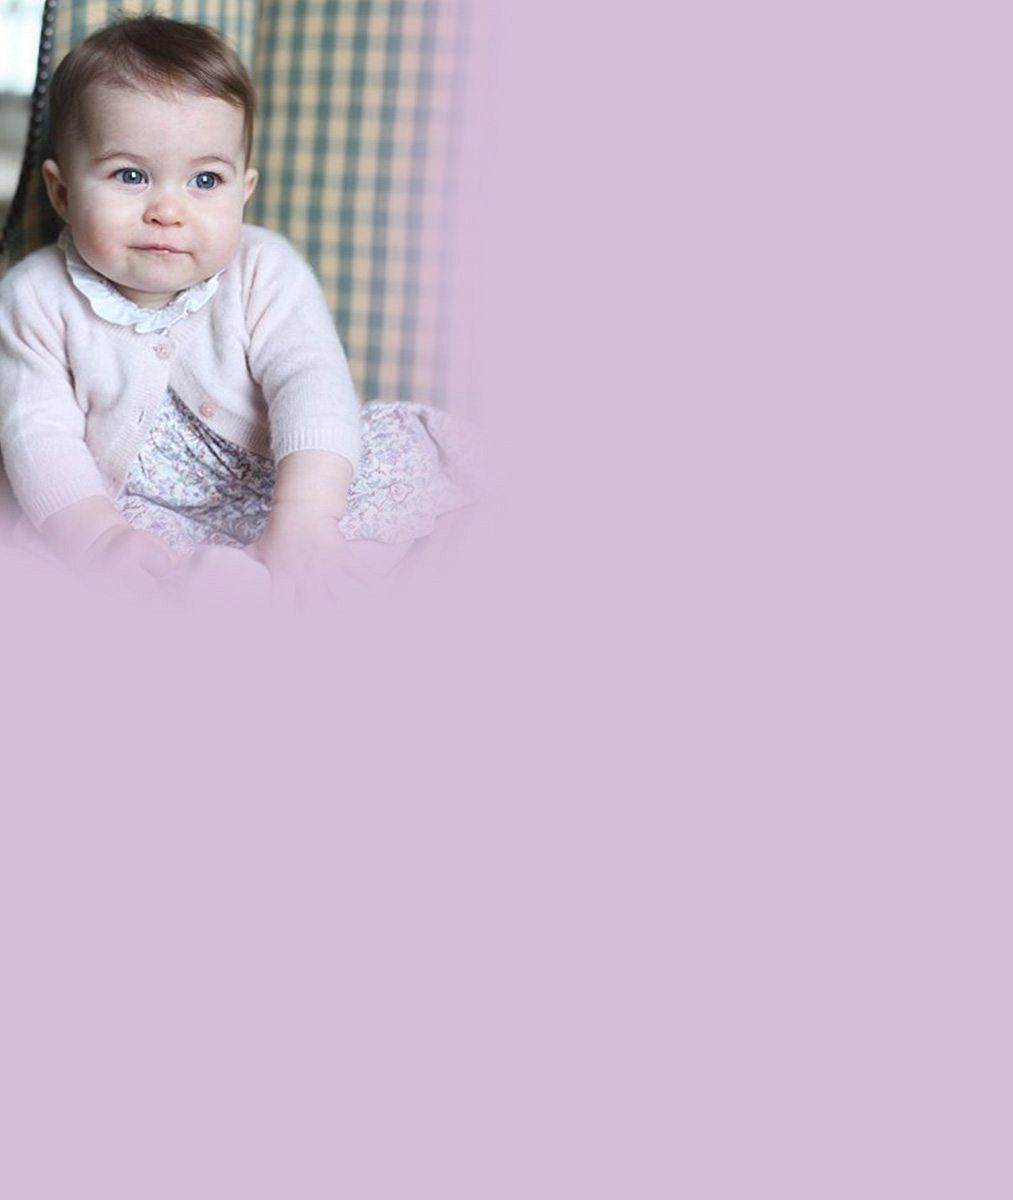 Z té podoby se tají dech: Půlroční princezna Charlotte je kopií otce Williama